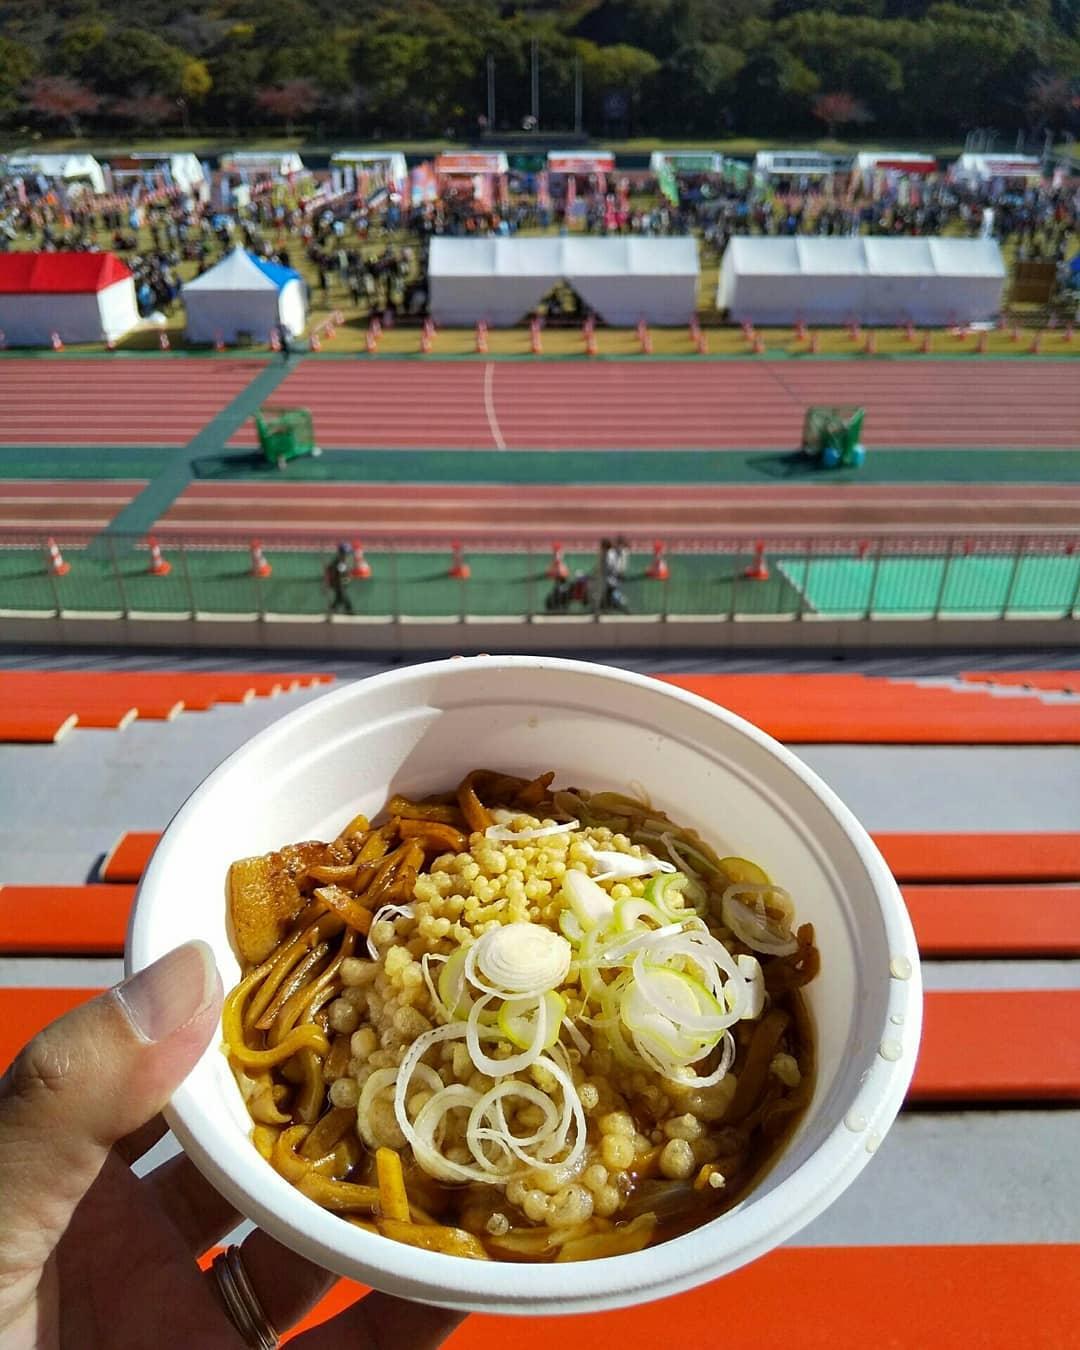 遅ればせながら先月 #明石公園 と #明石市 役所周辺で開催された #B1グランプリ で食した #B1グルメ  です。待ち時間も短くて快適に楽しめましたっ! #明石市制施行100周年